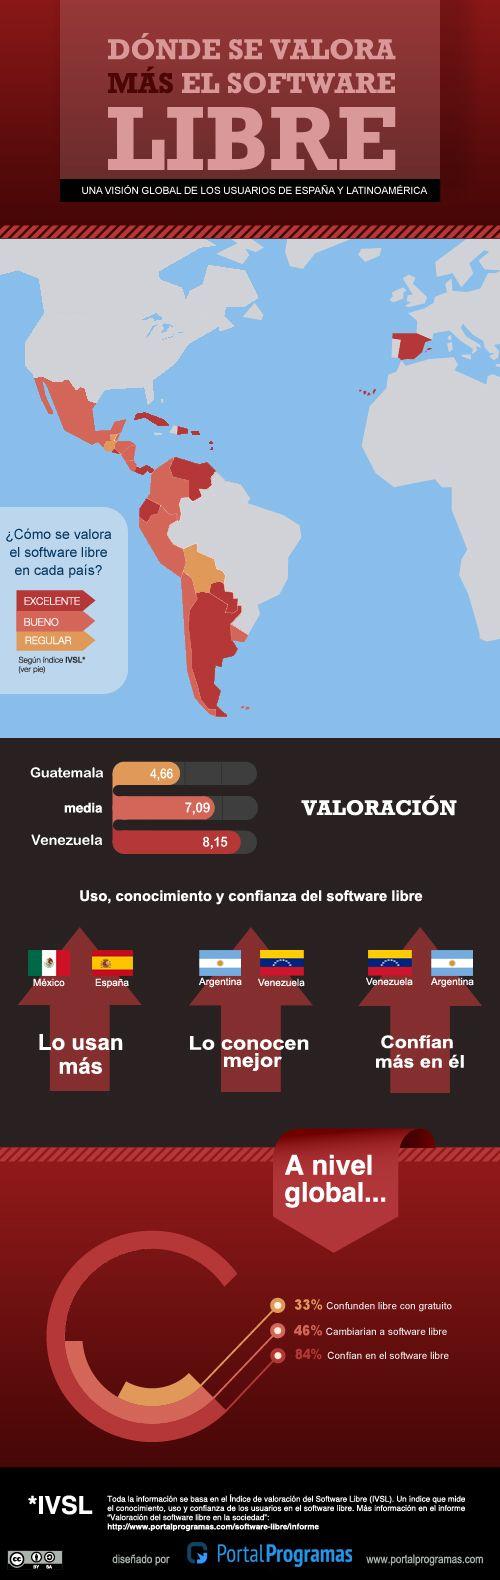 Los países donde se valora más el #softwarelibre #Infografía http://www.portalprogramas.com/milbits/informatica/paises-donde-se-valora-software-libre.html